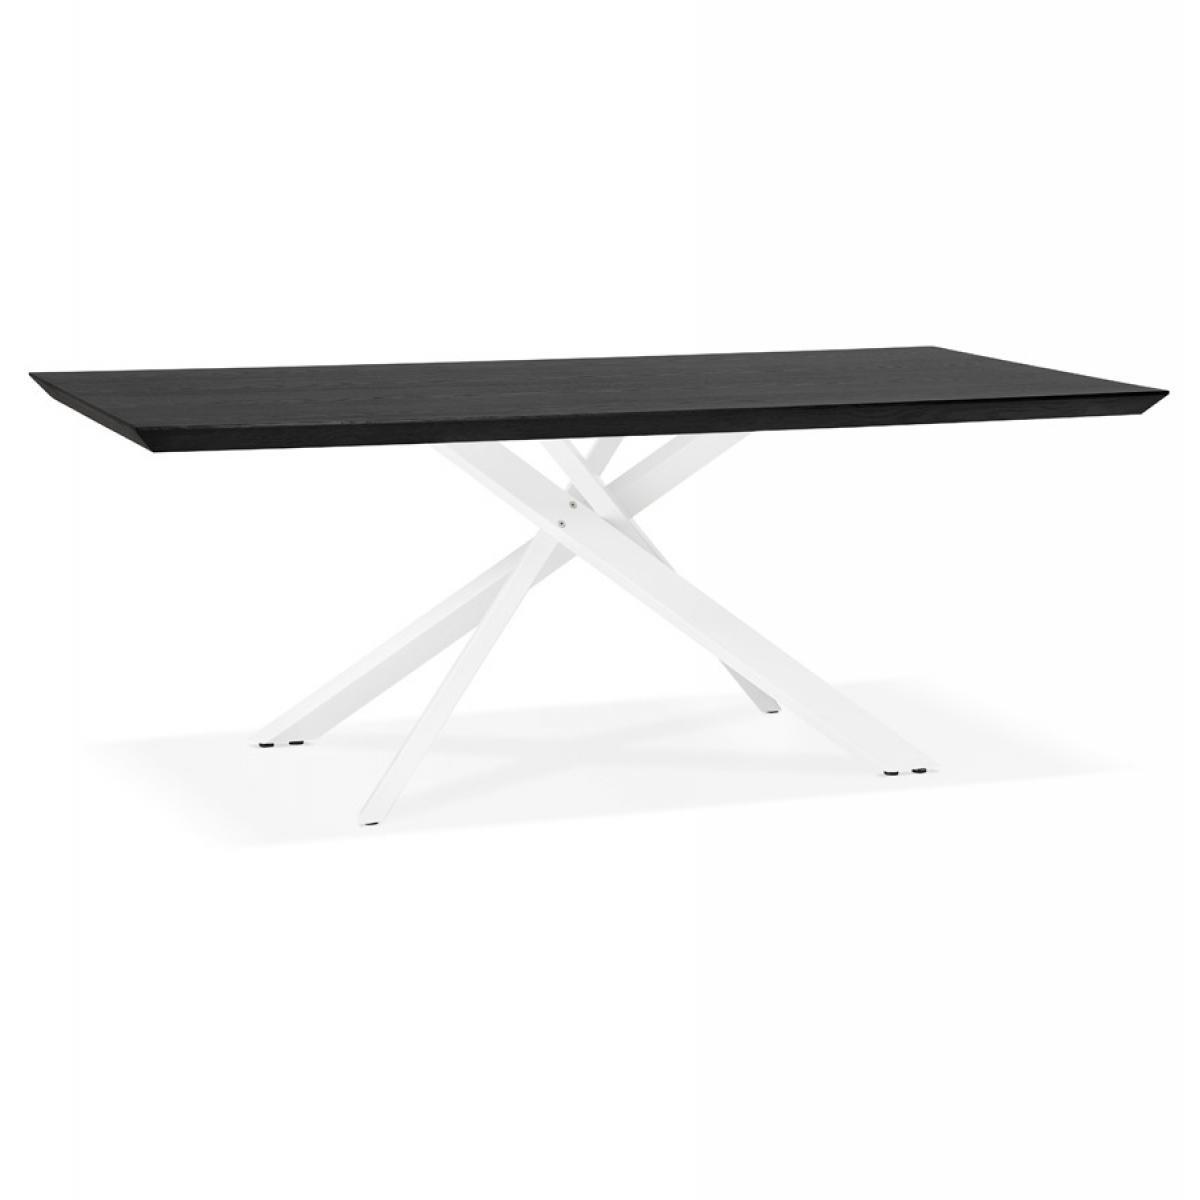 Alterego Table à diner design 'WALABY' en bois noir avec pied central en x blanc - 200x100 cm